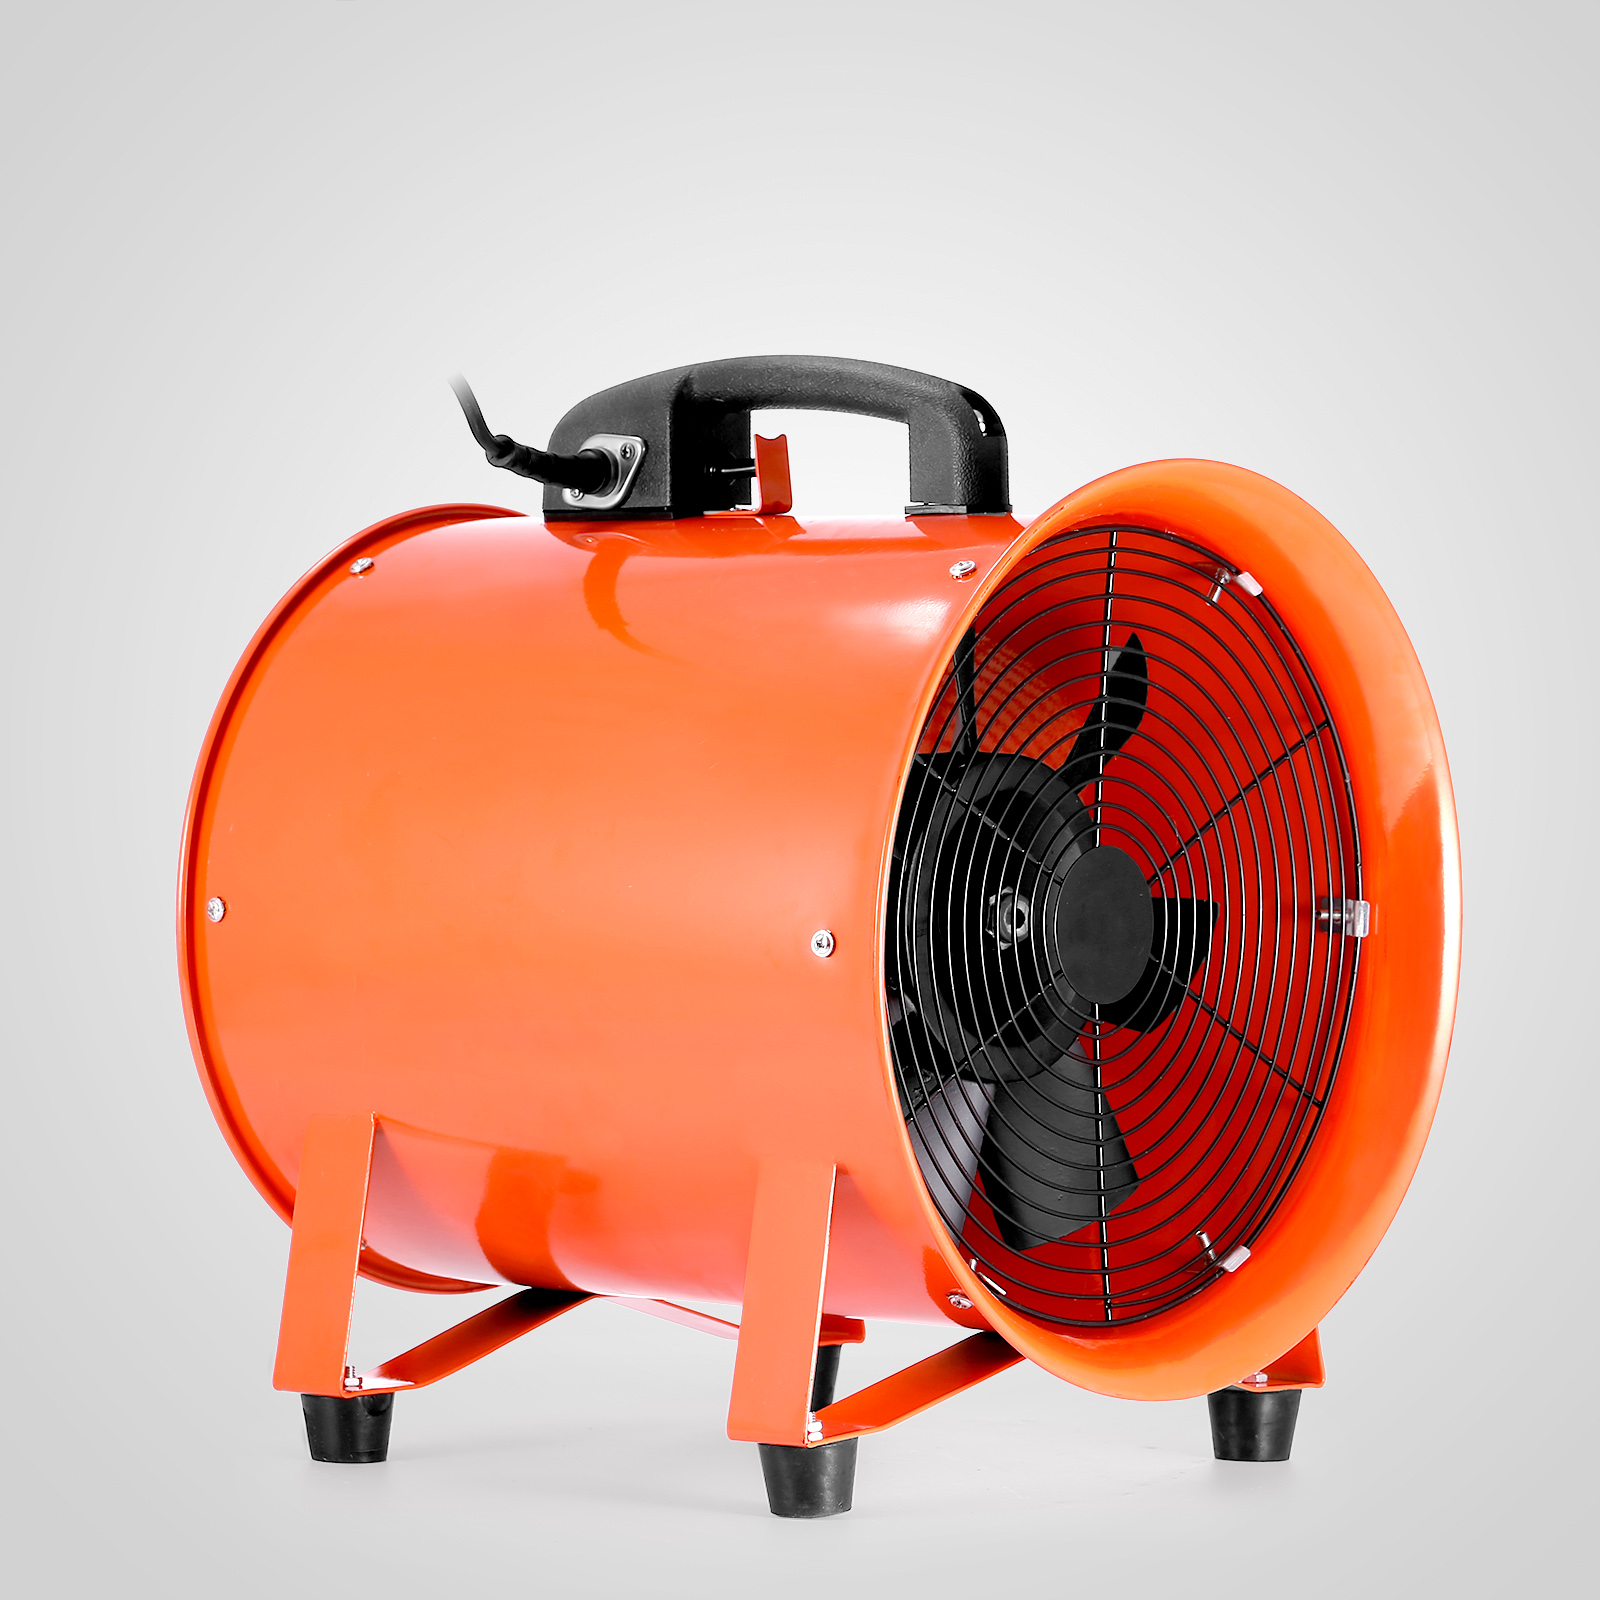 Blower Fan With Hose : Industrial ventilator extractor fan blower m duct